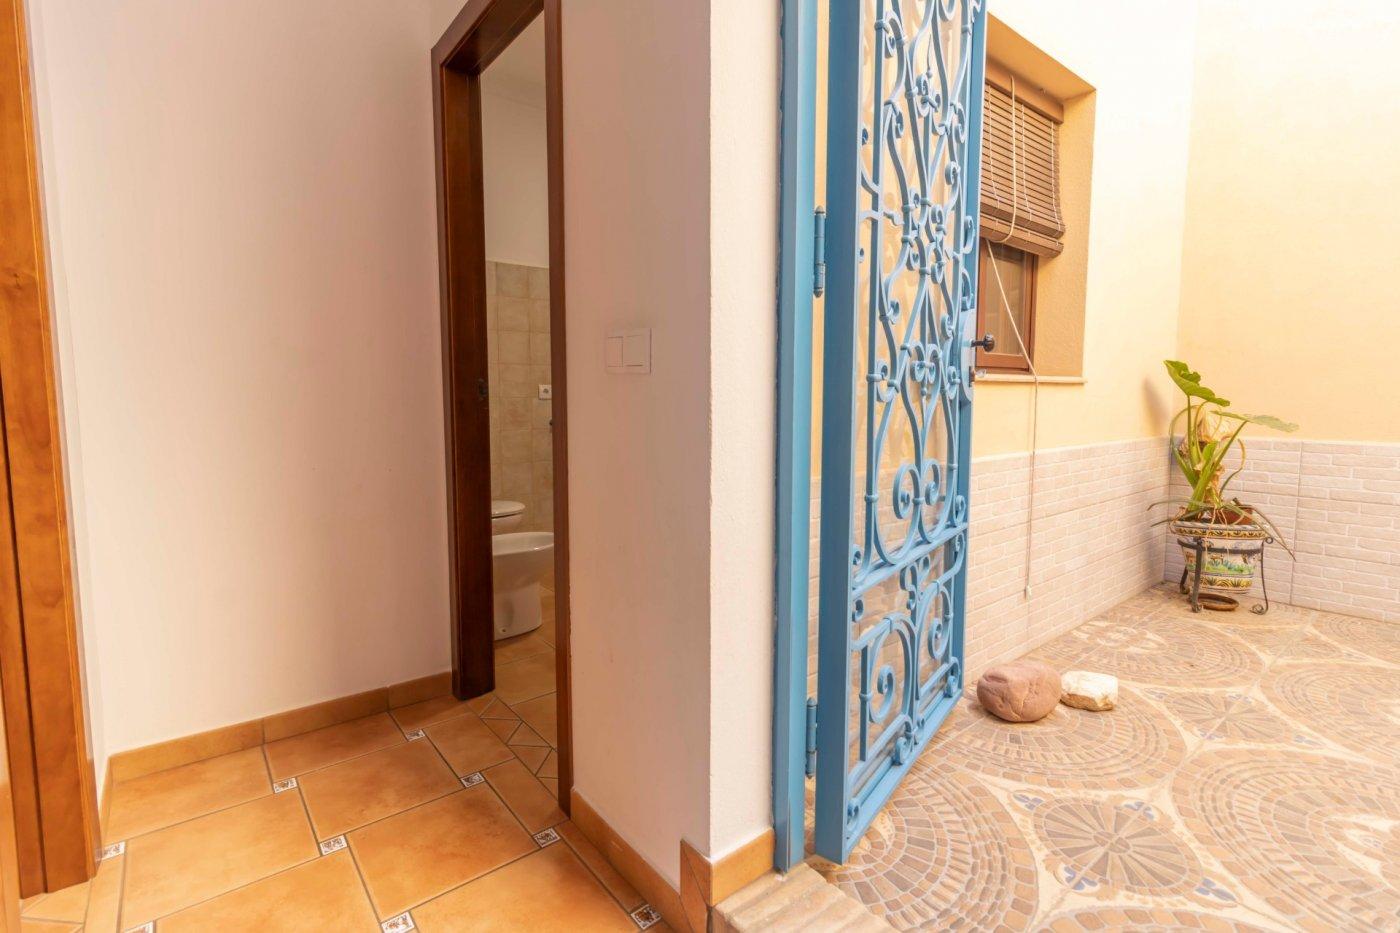 Casa de reciente construccion a la venta en carmona - imagenInmueble28